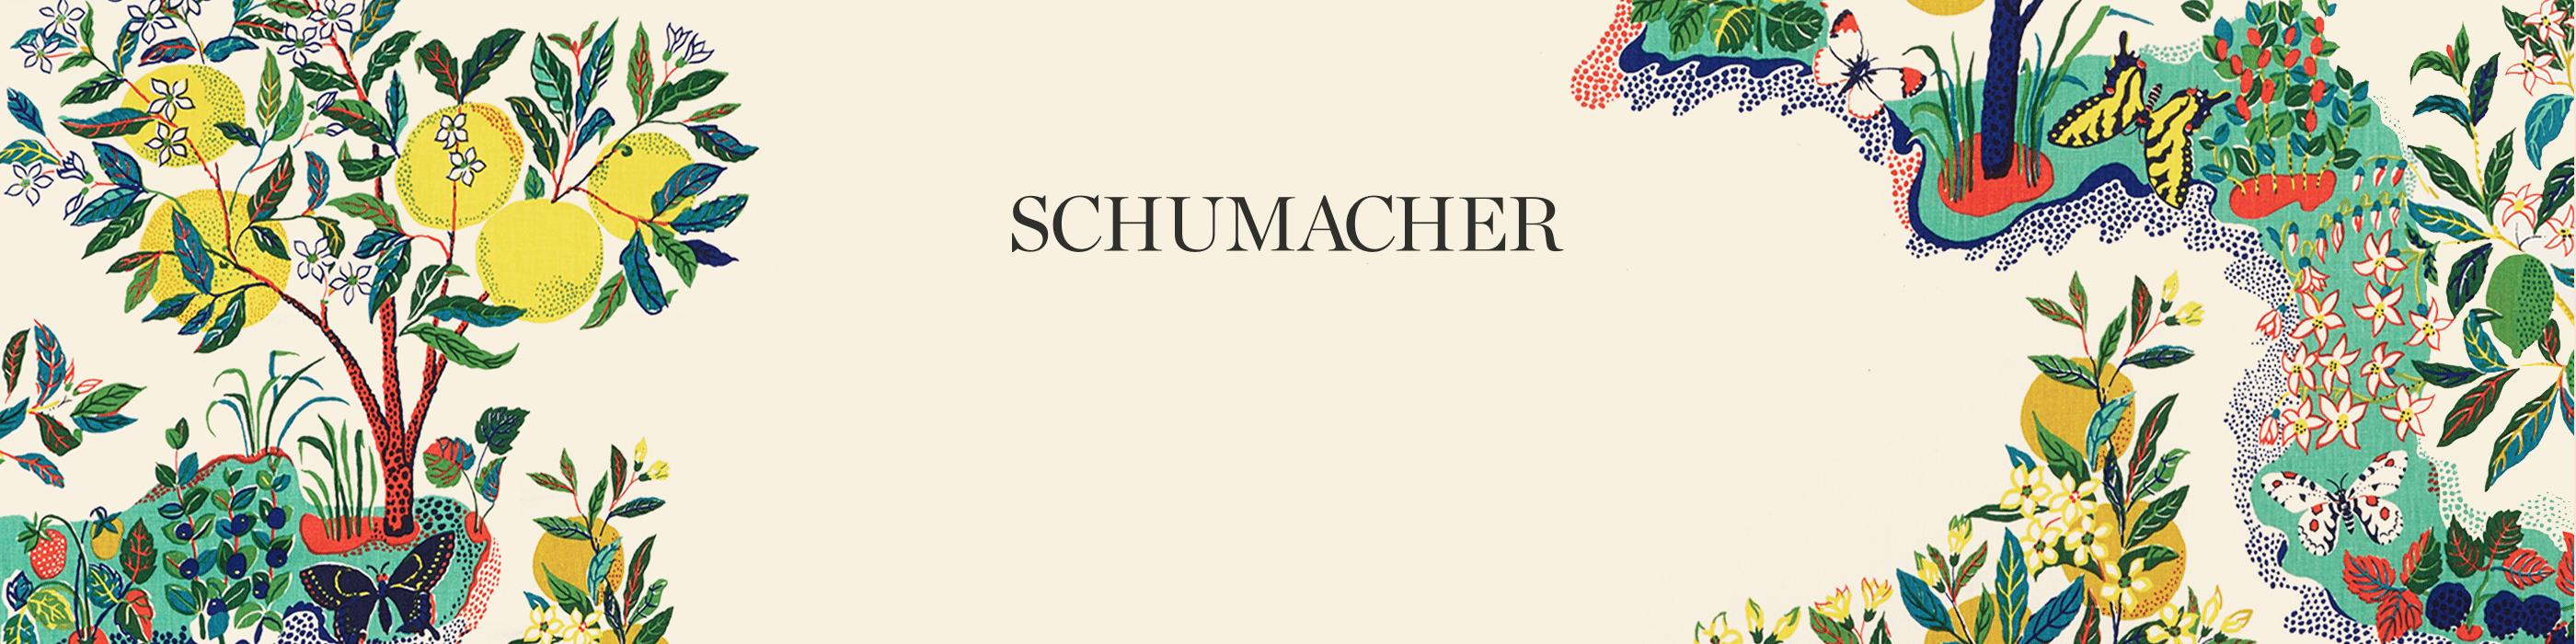 Schumacher - online